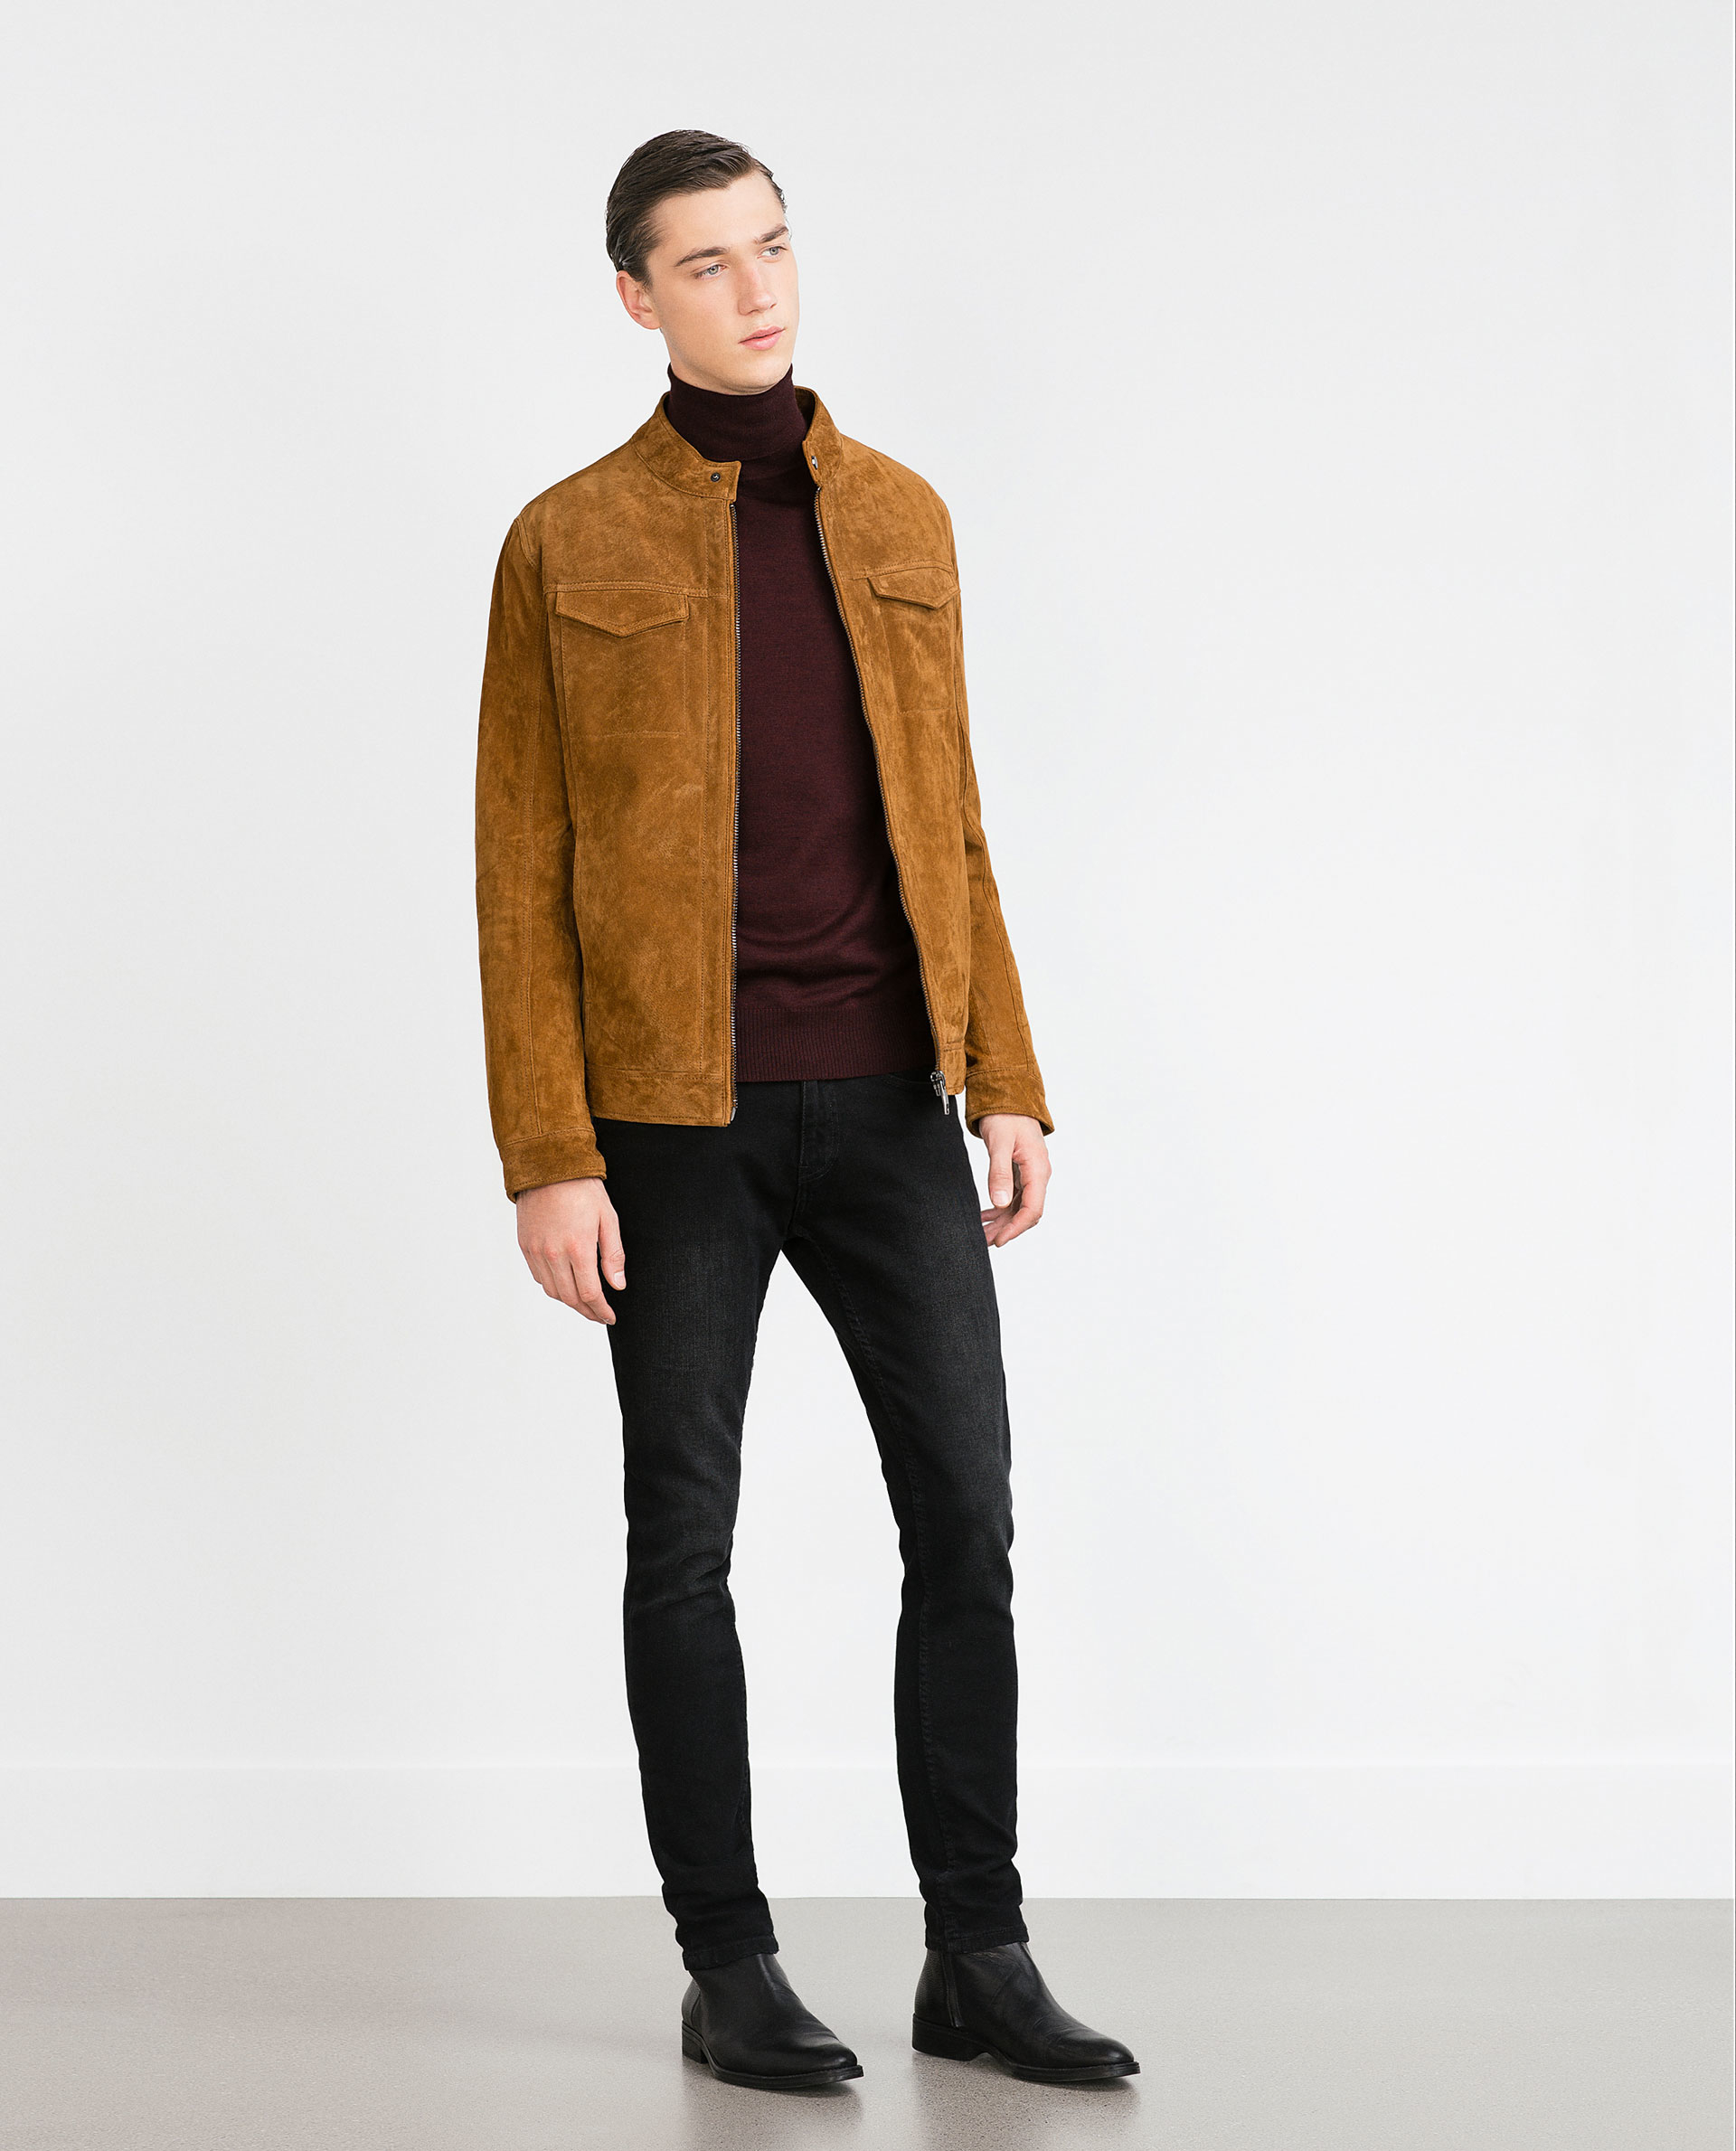 Mens jackets and coats zara